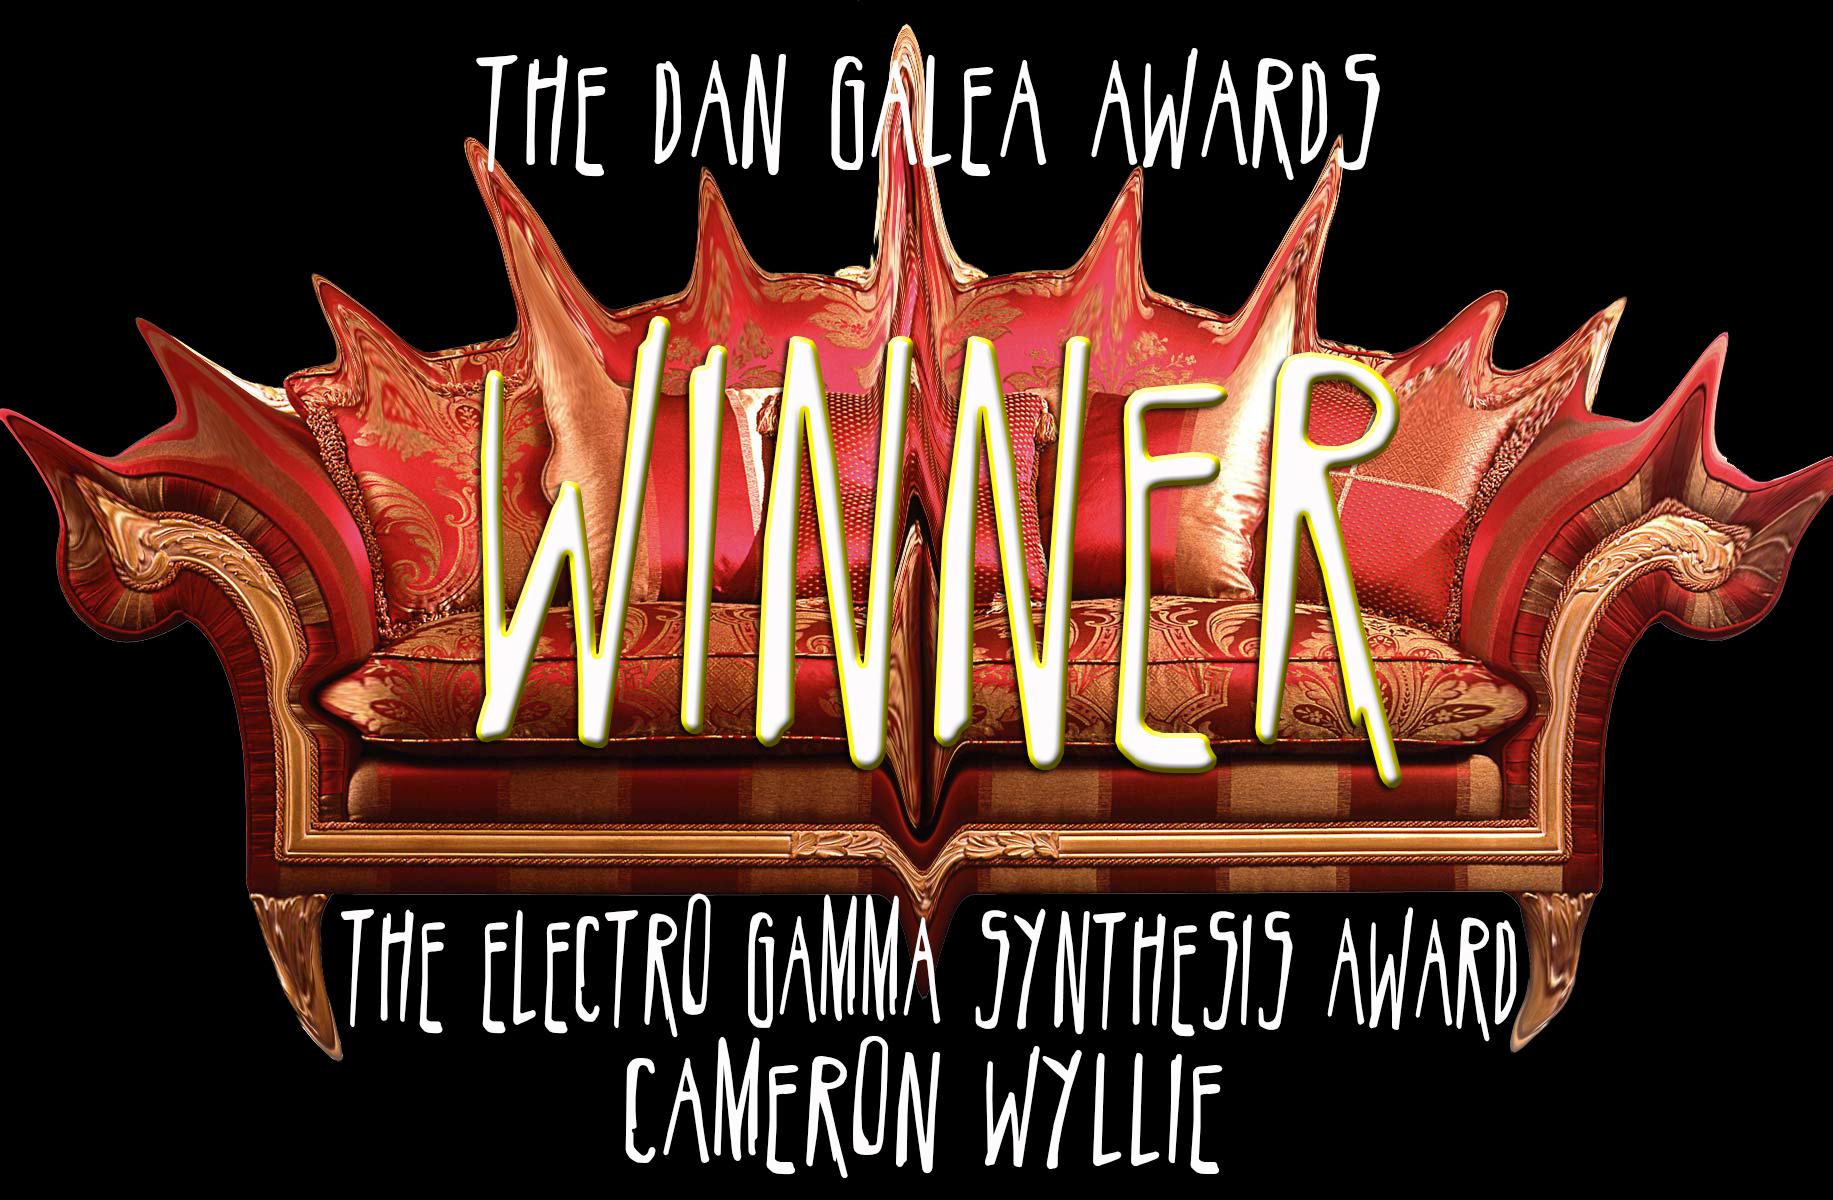 DGawards Cameron Wyllie.jpg